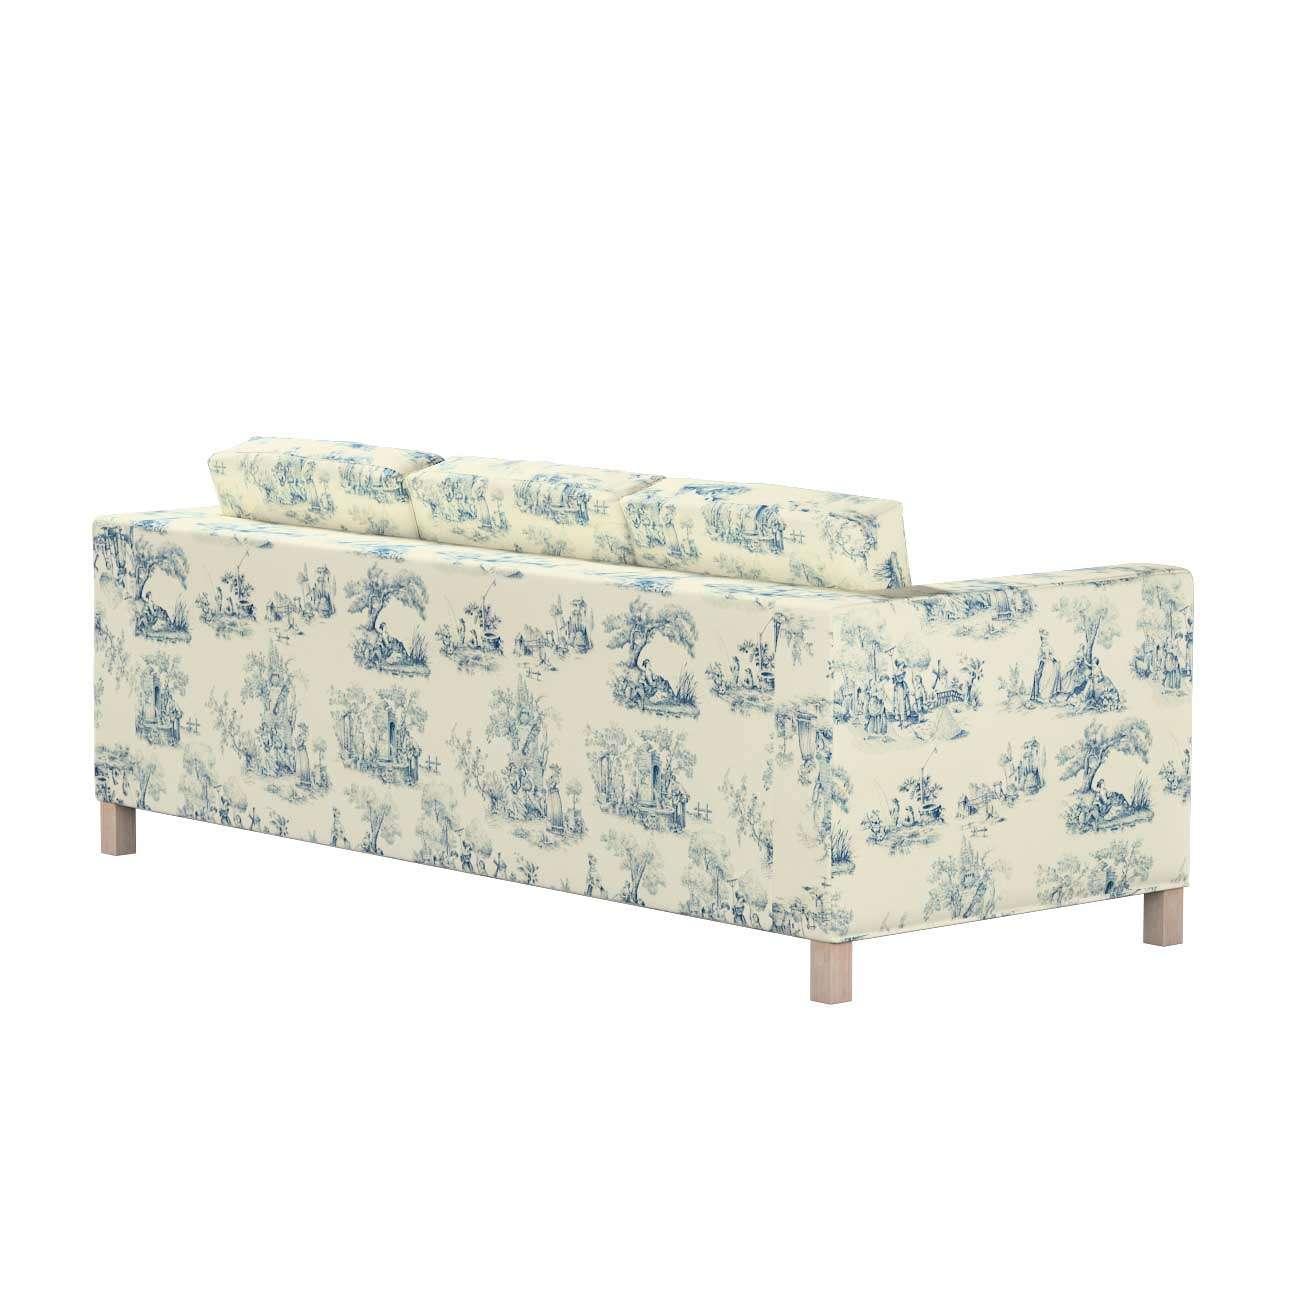 Pokrowiec na sofę Karlanda 3-osobową nierozkładaną, krótki w kolekcji Avinon, tkanina: 132-66